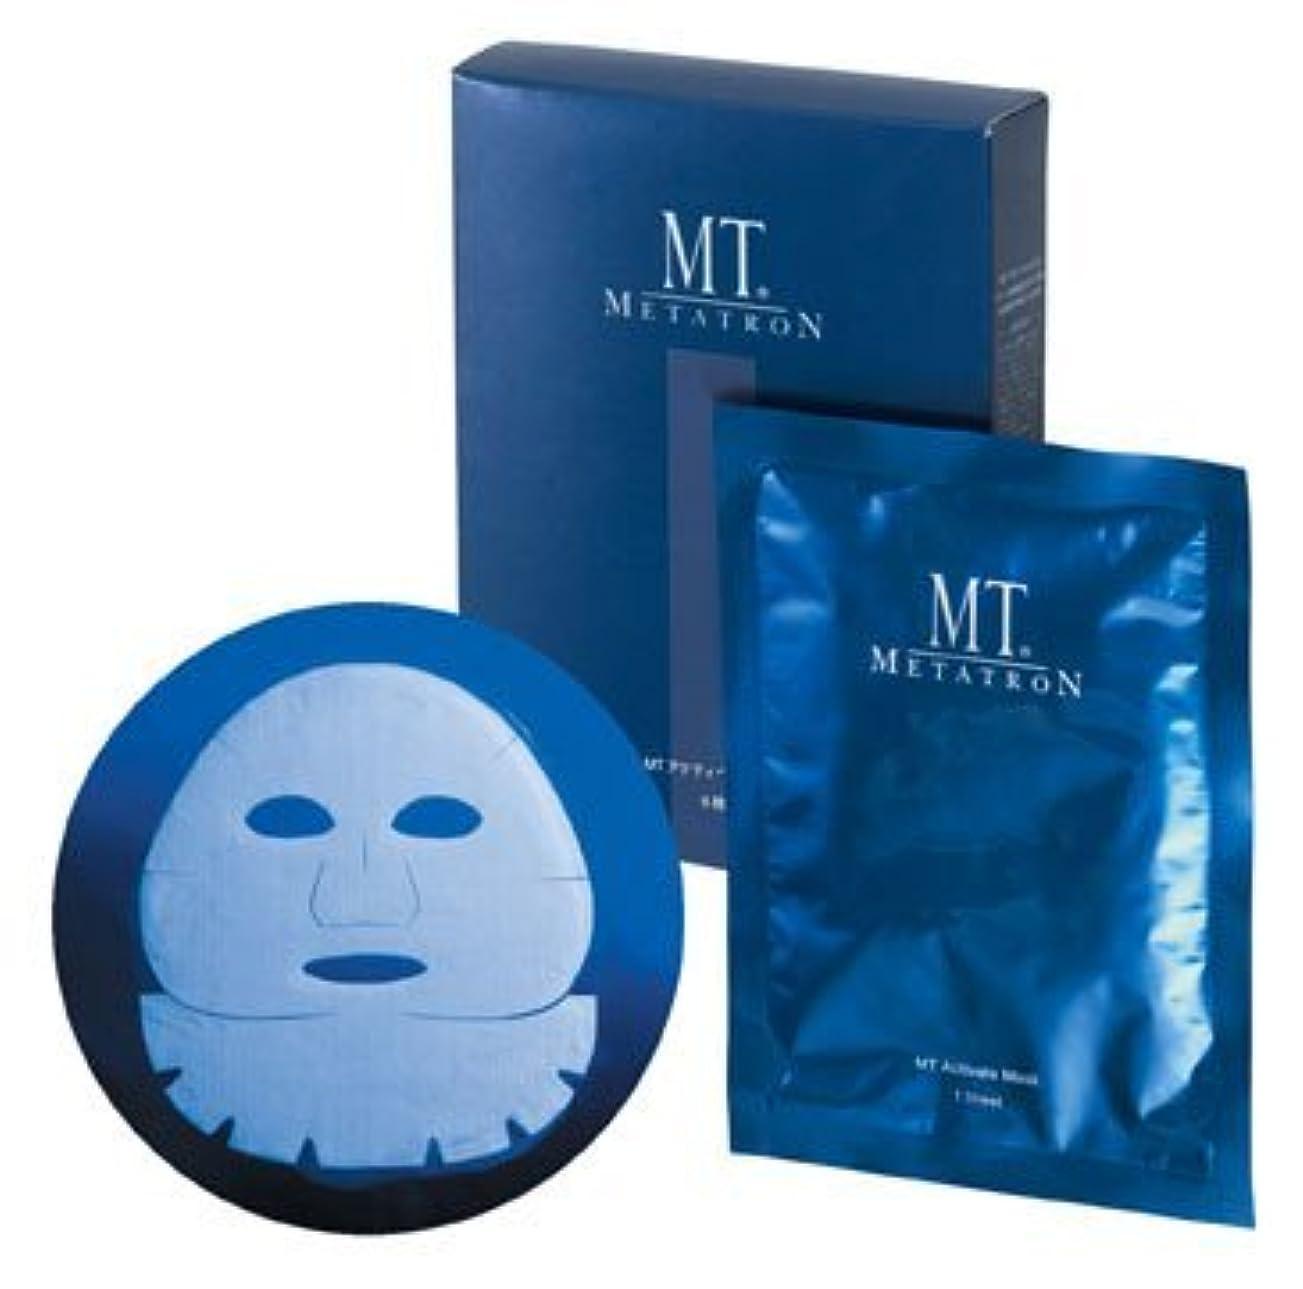 南アメリカ郵便局代替MTメタトロン MTアクティベイト?マスク 30ml×6枚